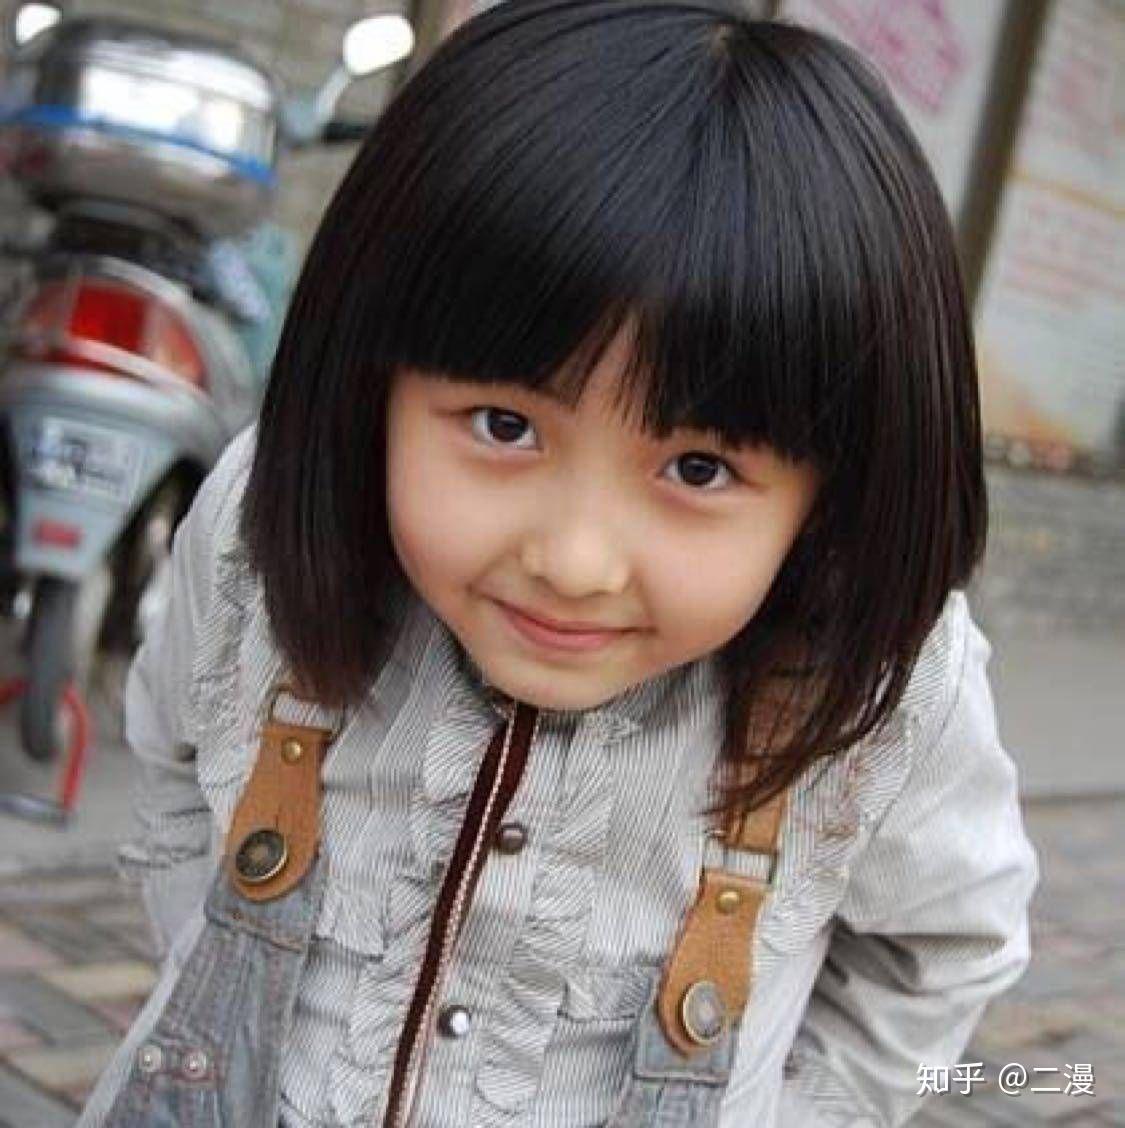 小童星张子枫_张子枫的相貌是如何变得这么好看的? - 知乎